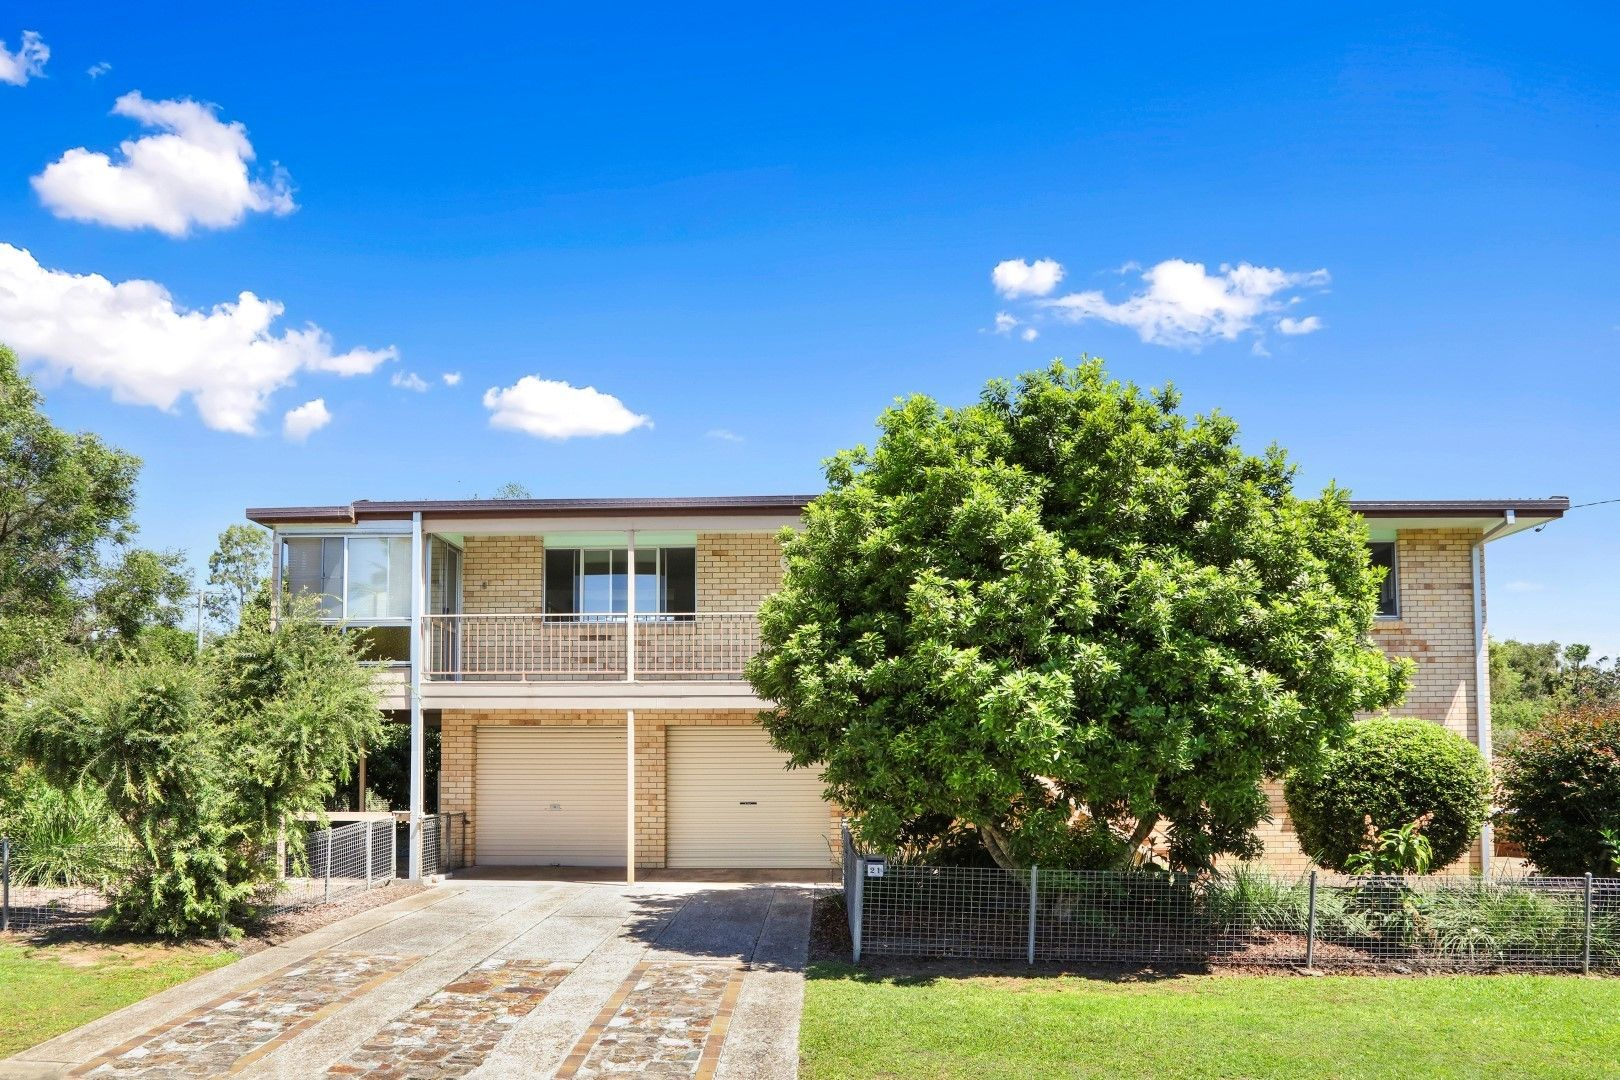 21 Furness Drive, Tewantin QLD 4565, Image 0